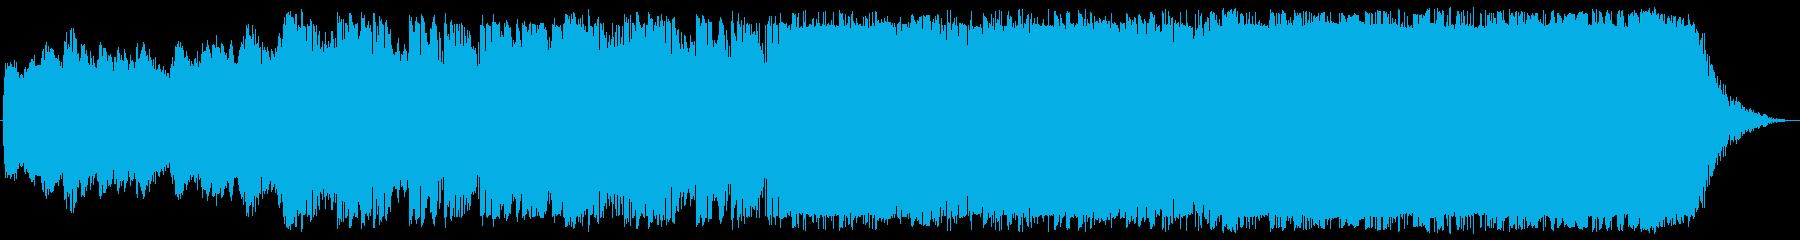 ブレイクビーツ 実験的な ワイルド...の再生済みの波形